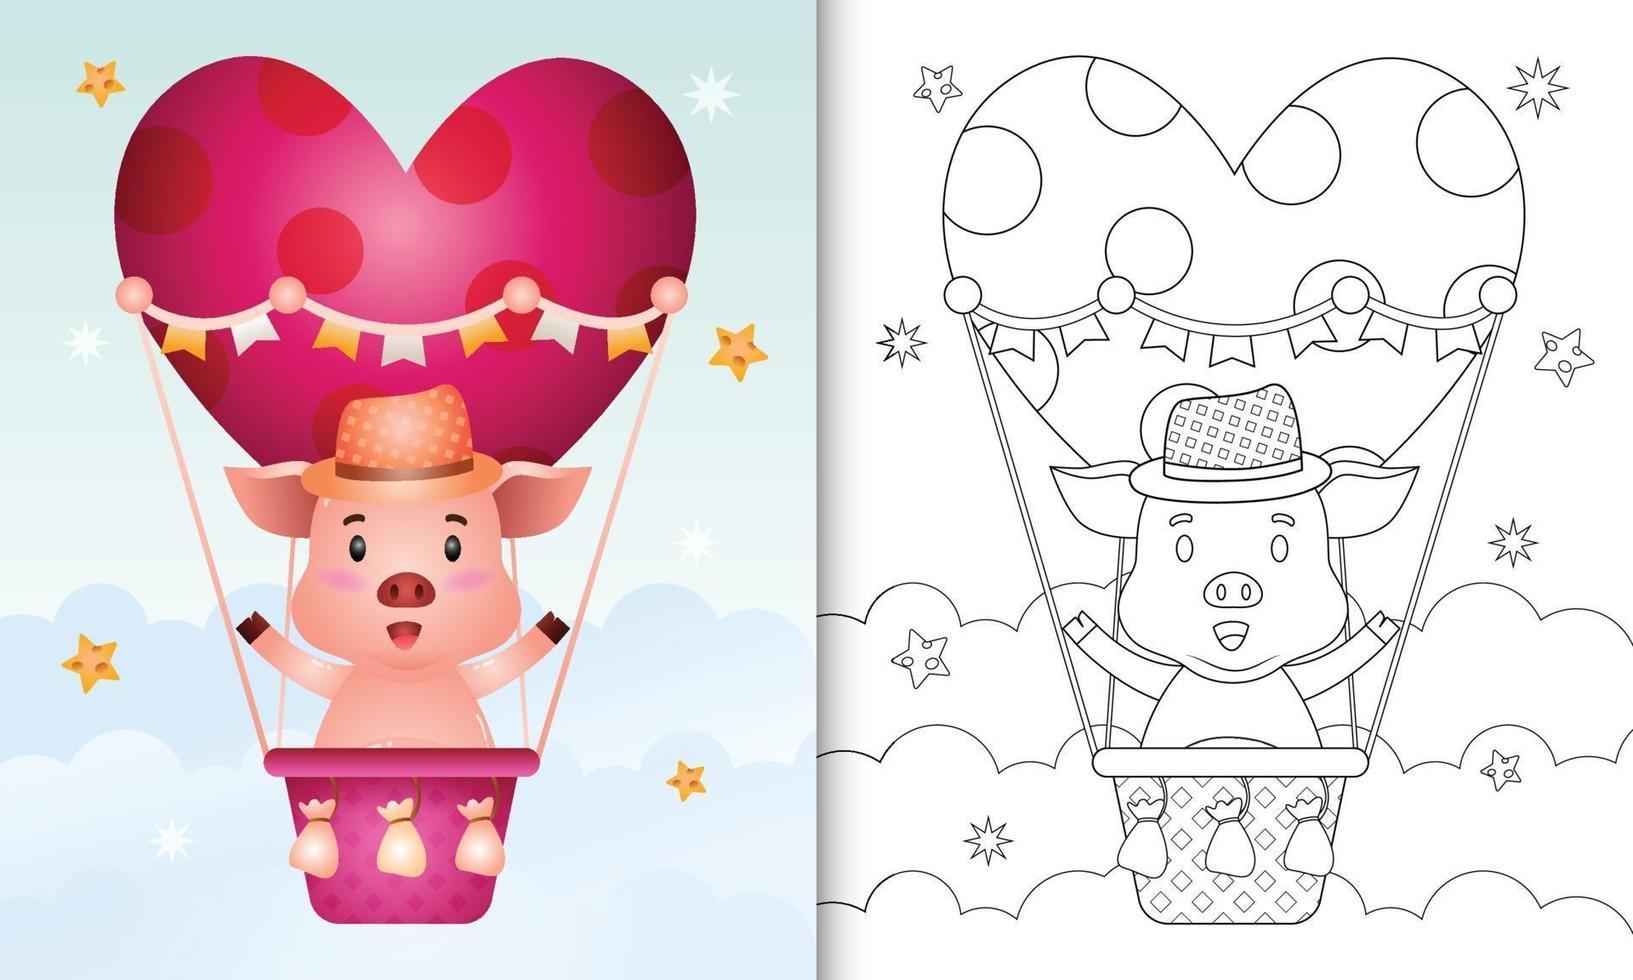 Malbuch für Kinder mit einem niedlichen Schwein männlich auf Heißluftballon Liebe themenorientierten Valentinstag vektor